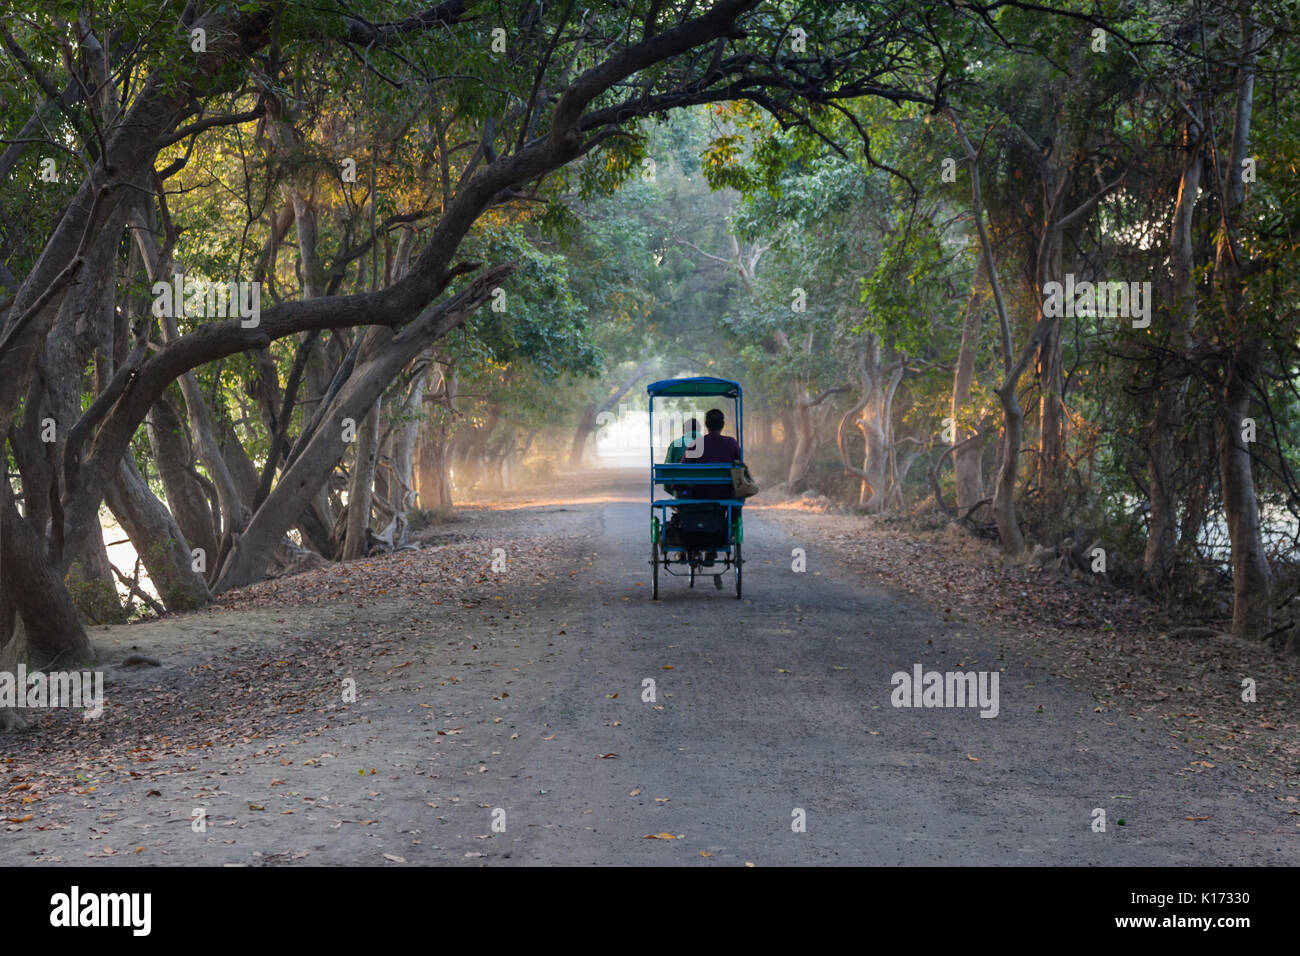 Birdwatching in rickshaw at Bharatpur Bird Sanctuary in Rajasthan, India. - Stock Image